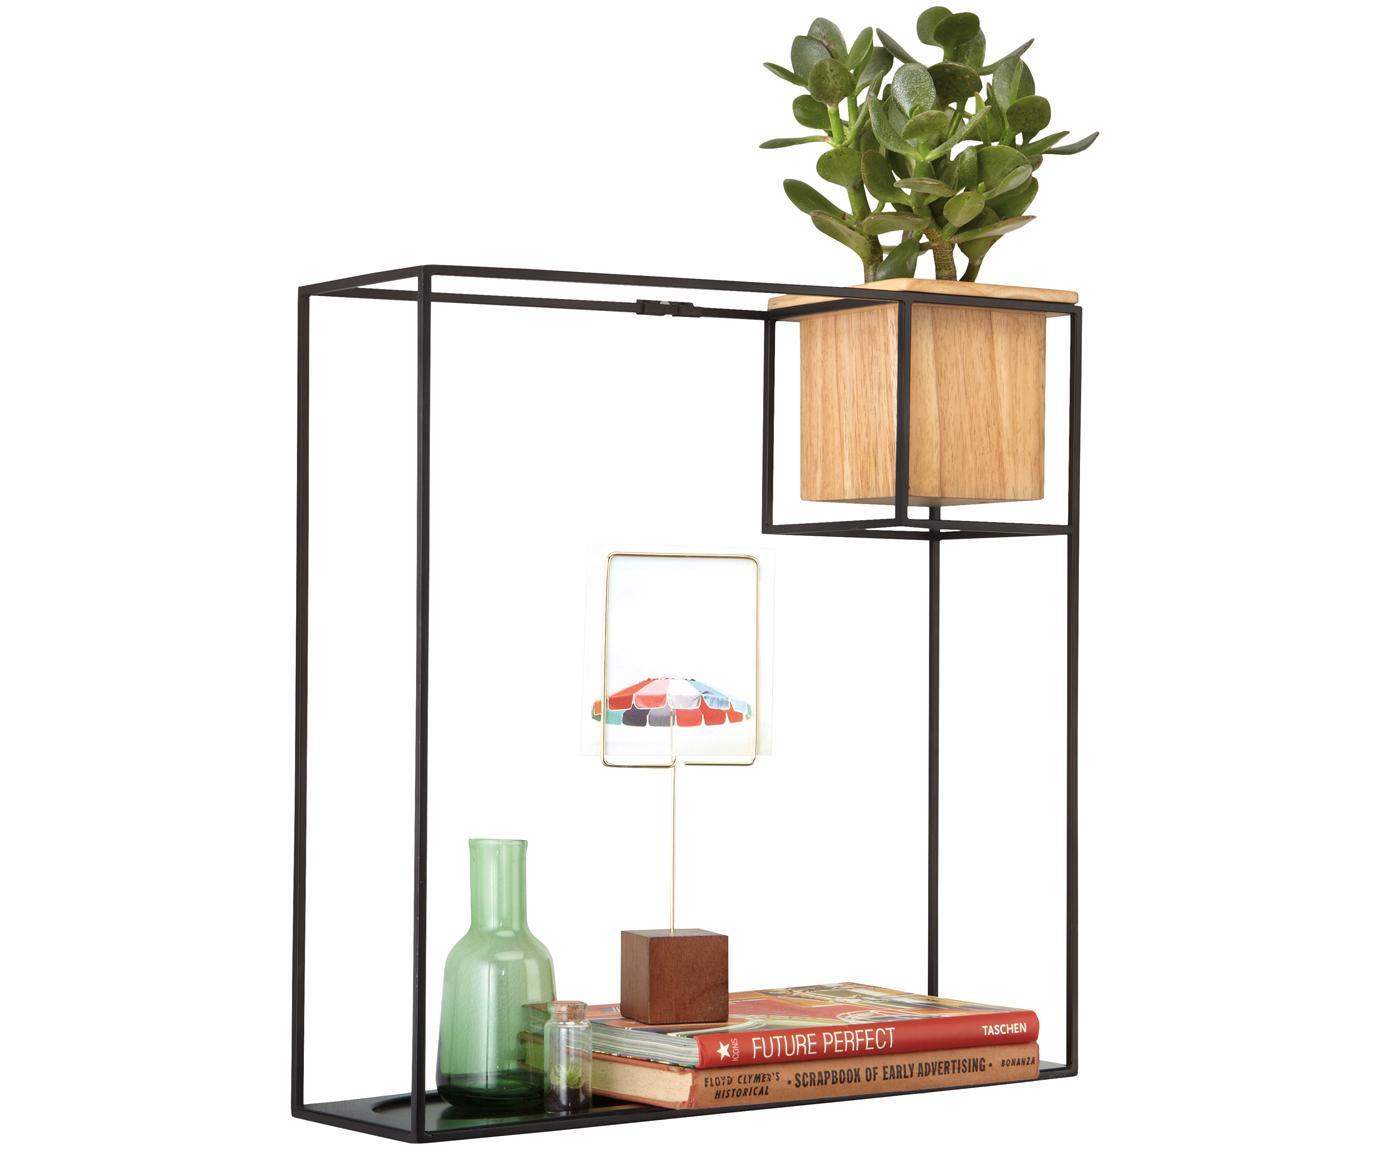 Libreria a muro Cubist, Contenitore: legno di frassino con ins, Nero, marrone chiaro, Larg. 38 x Alt. 38 cm